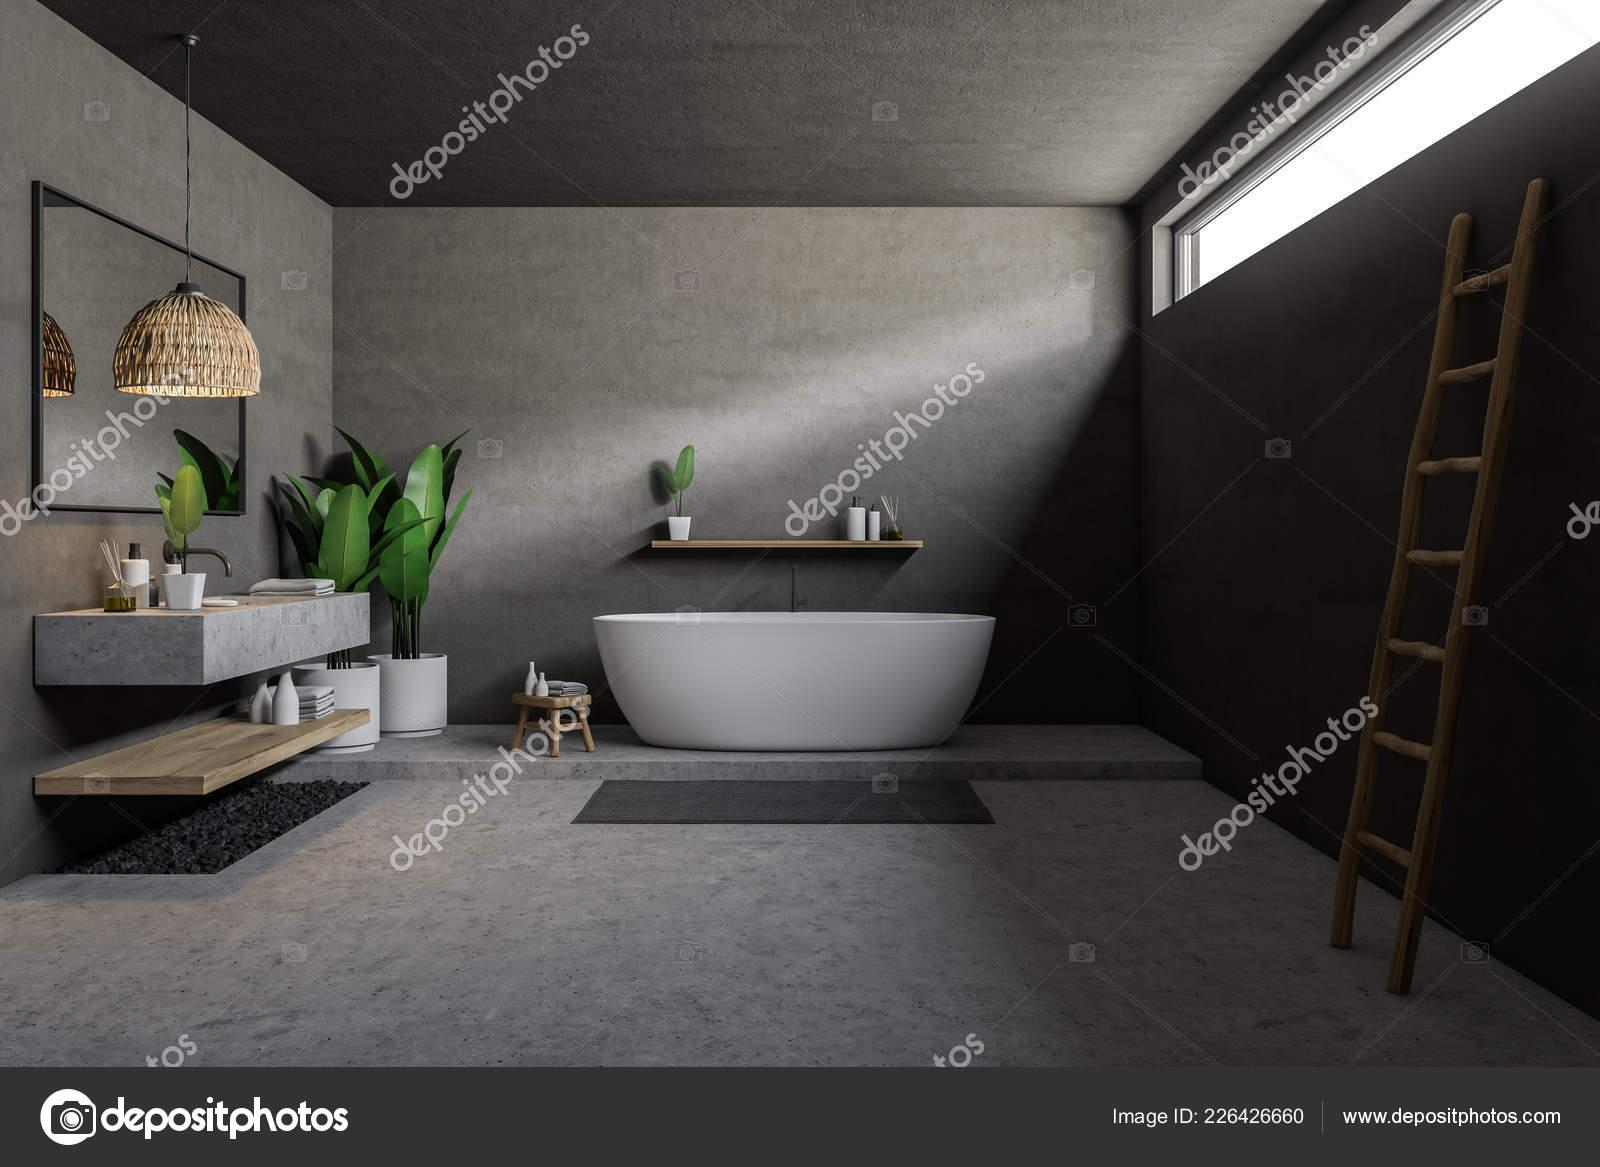 Vasca Da Bagno In Cemento : Bagno grigio interni con pavimento cemento vasca bagno bianca